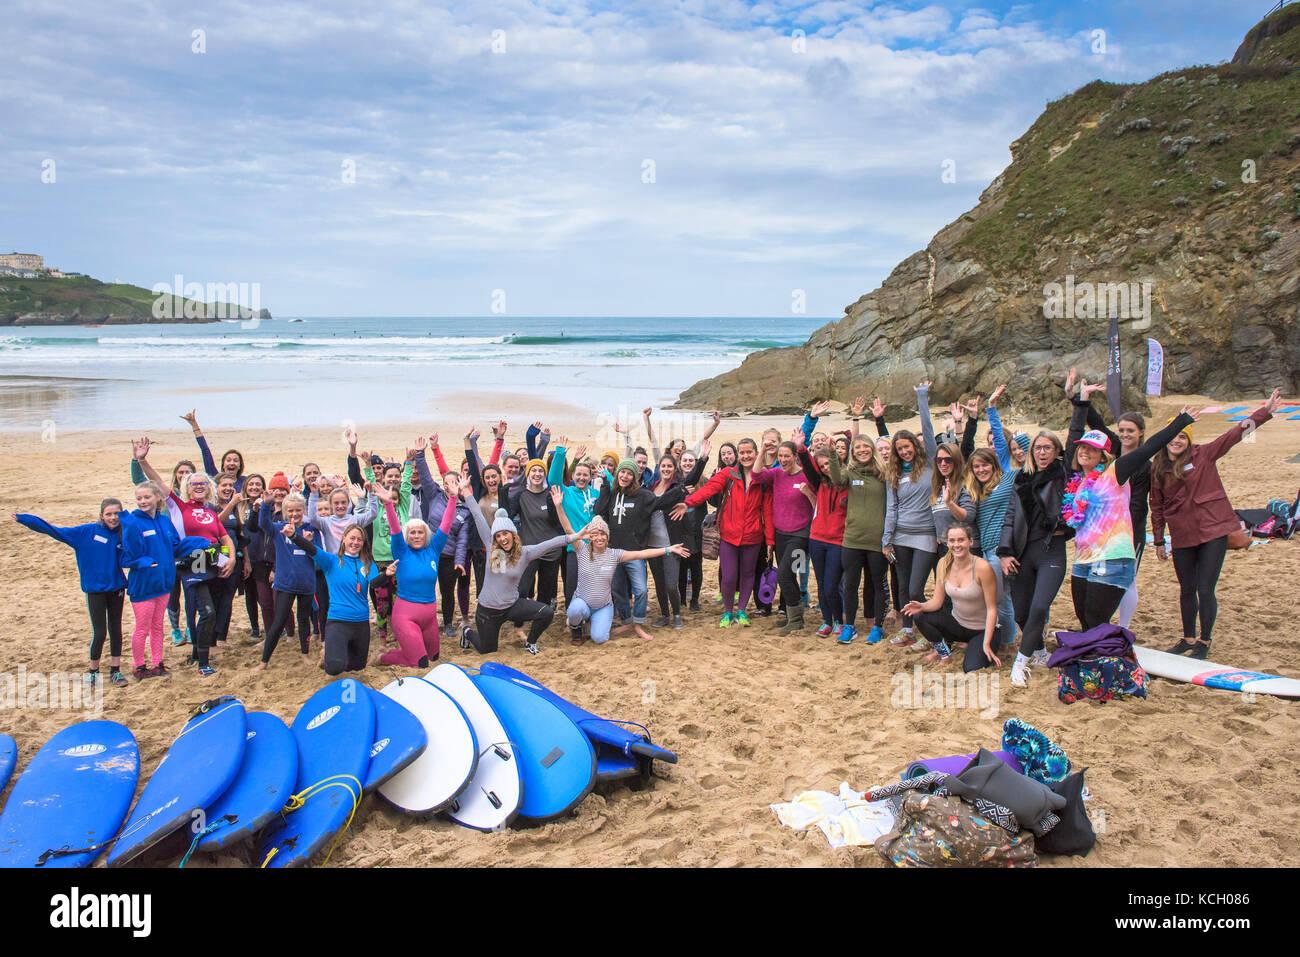 Betty's Surf Festival - un festival tenu à Newquay et autonomisation des femmes inspirantes par le surf Photo Stock